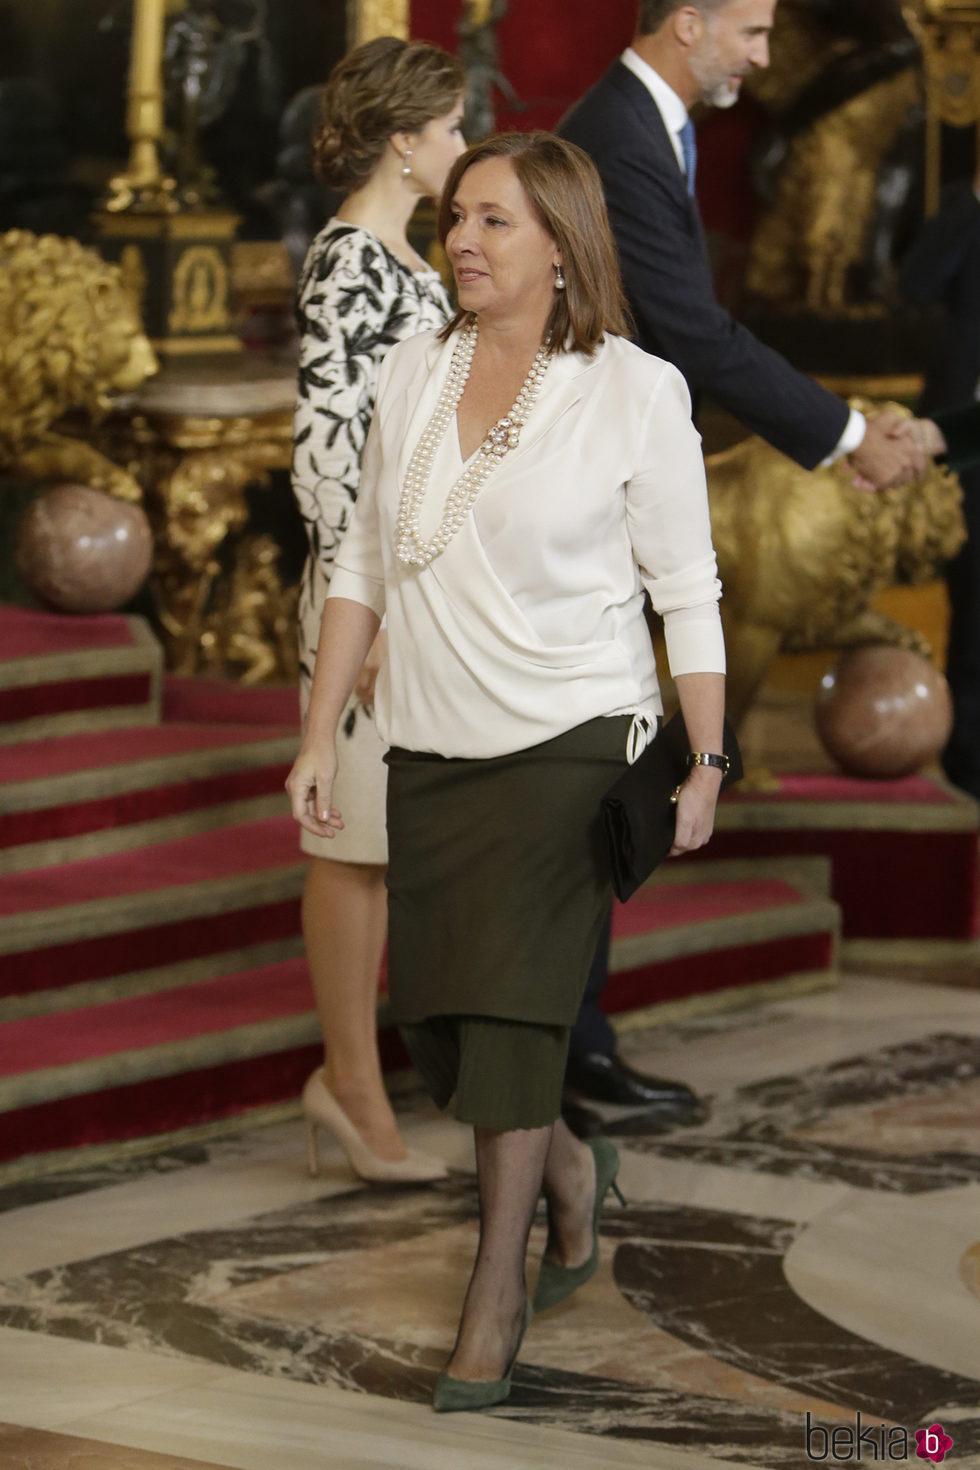 Elvira Fernández Balboa en la recepción del Día de la Hispanidad 2016